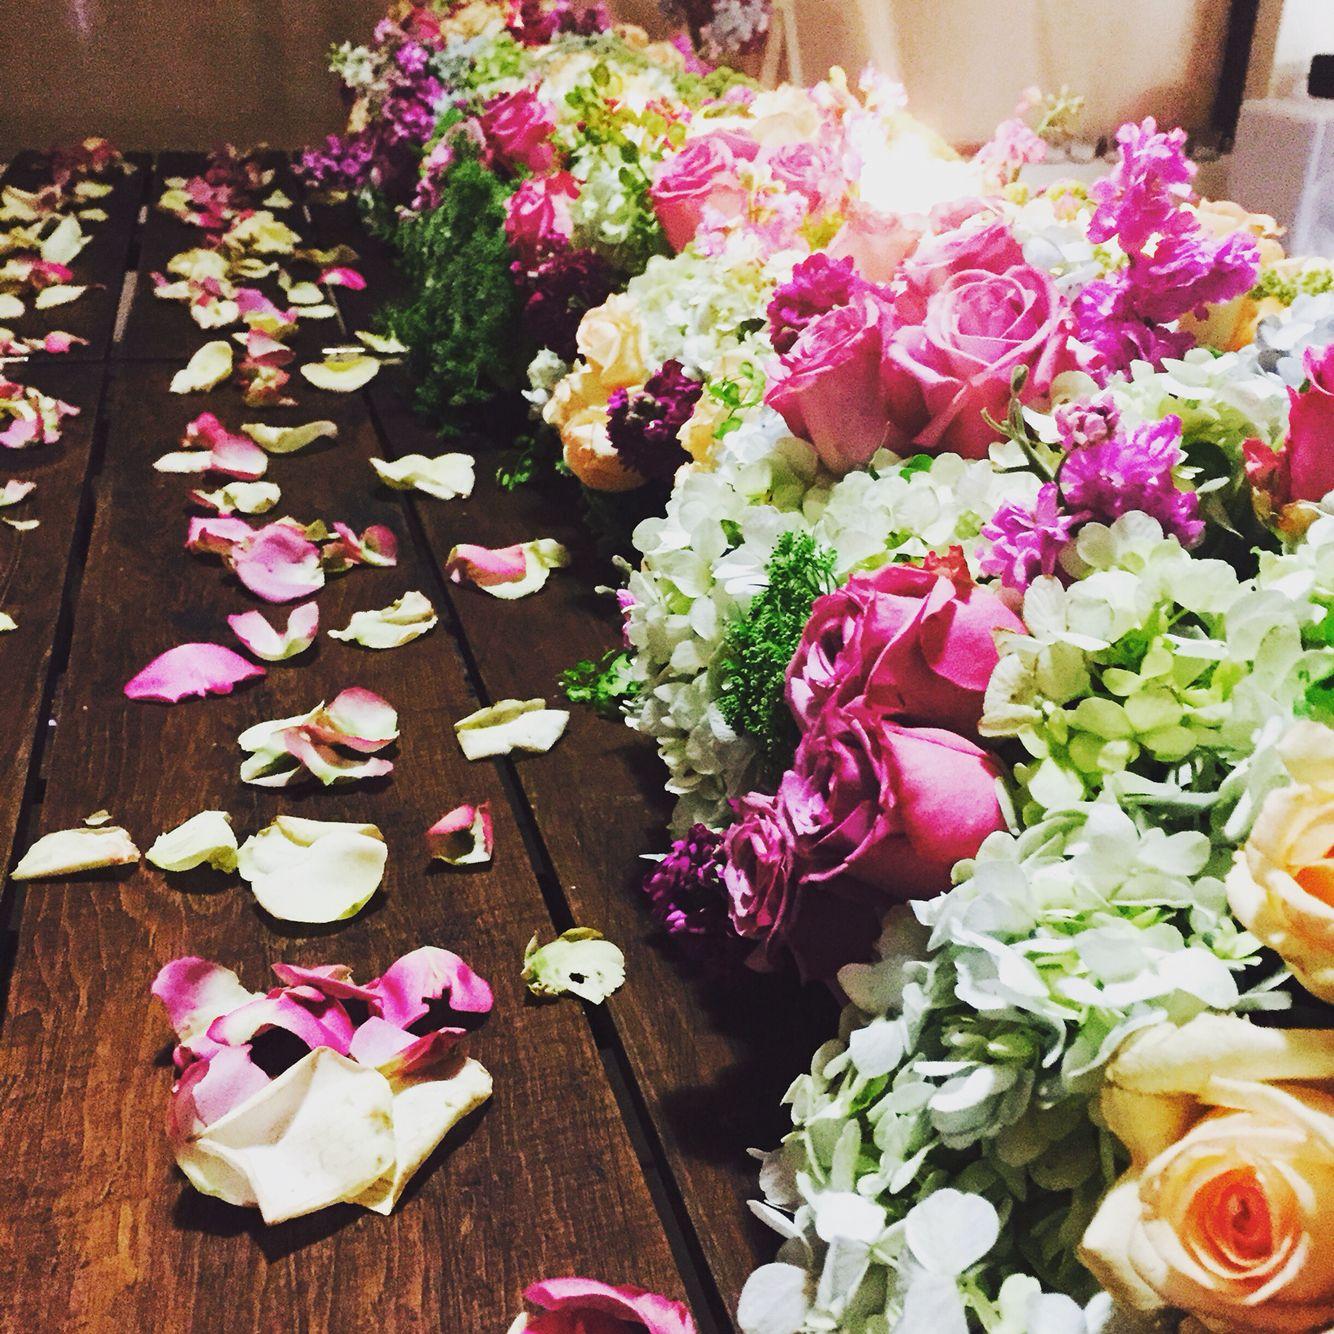 Mesa de novios romántica y elegante 😍. Solo con De flores y amores...